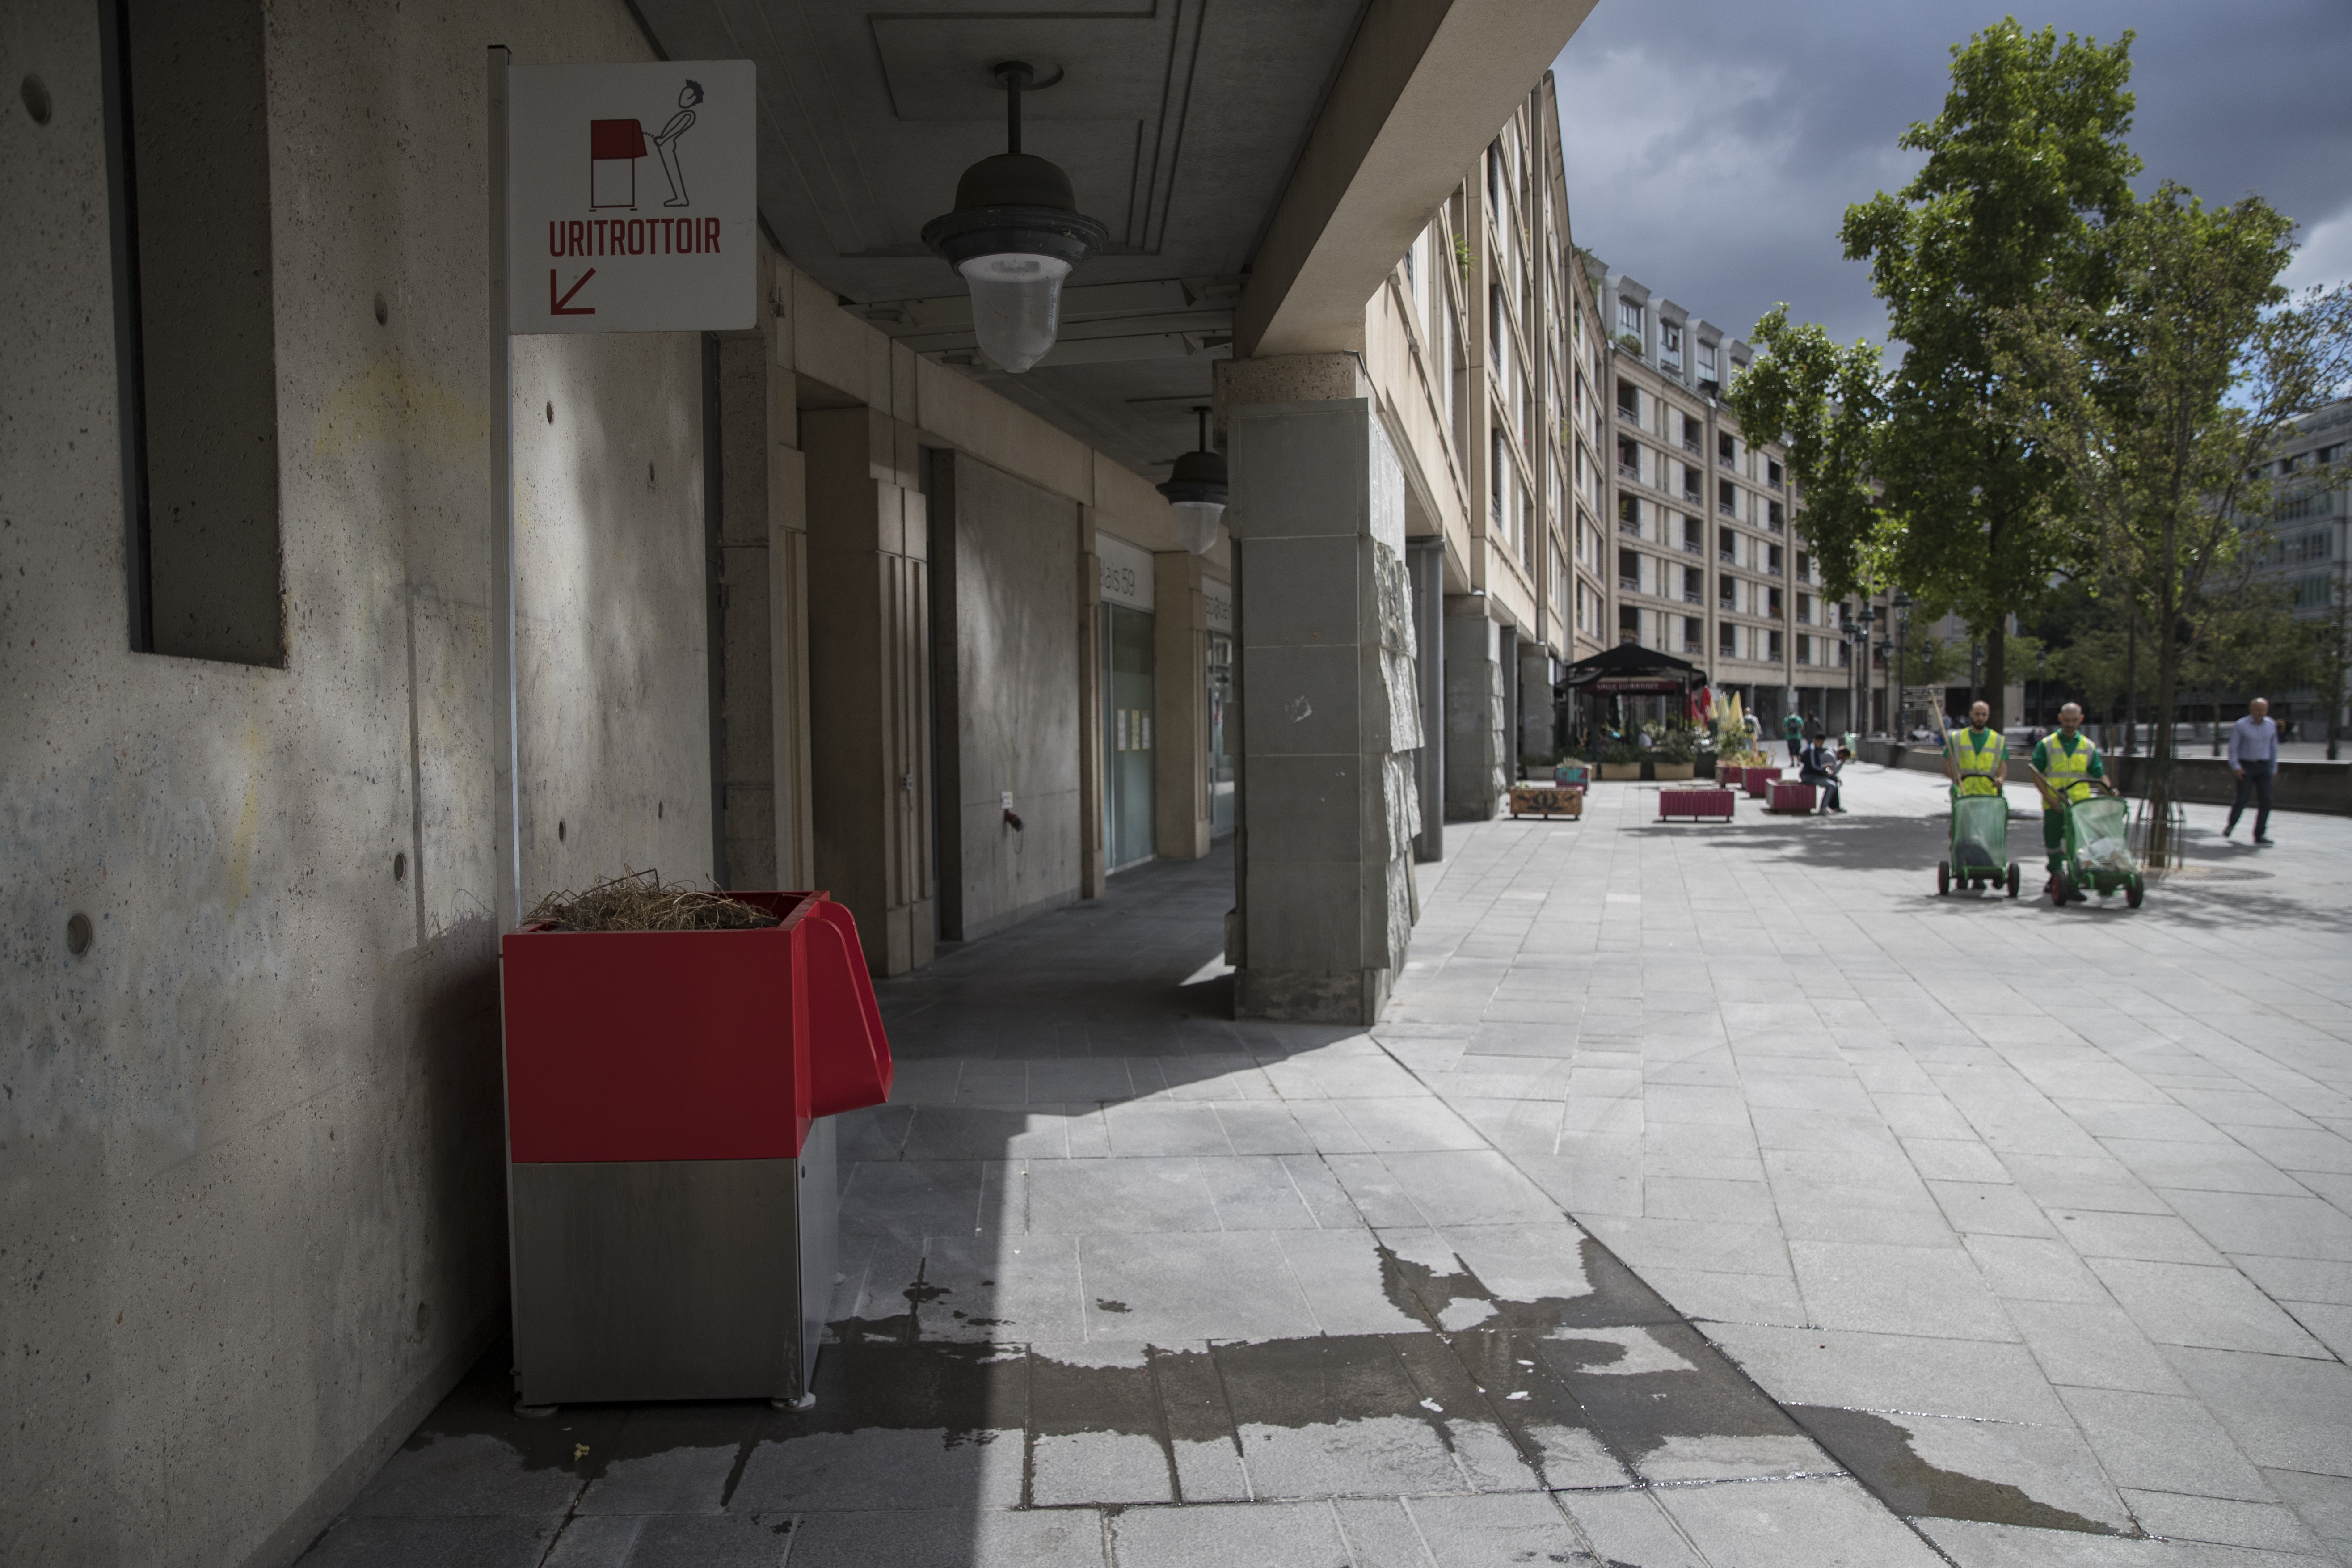 Párizsban feminista aktivisták betonnal tömítették el a nyilvános pisáldákat